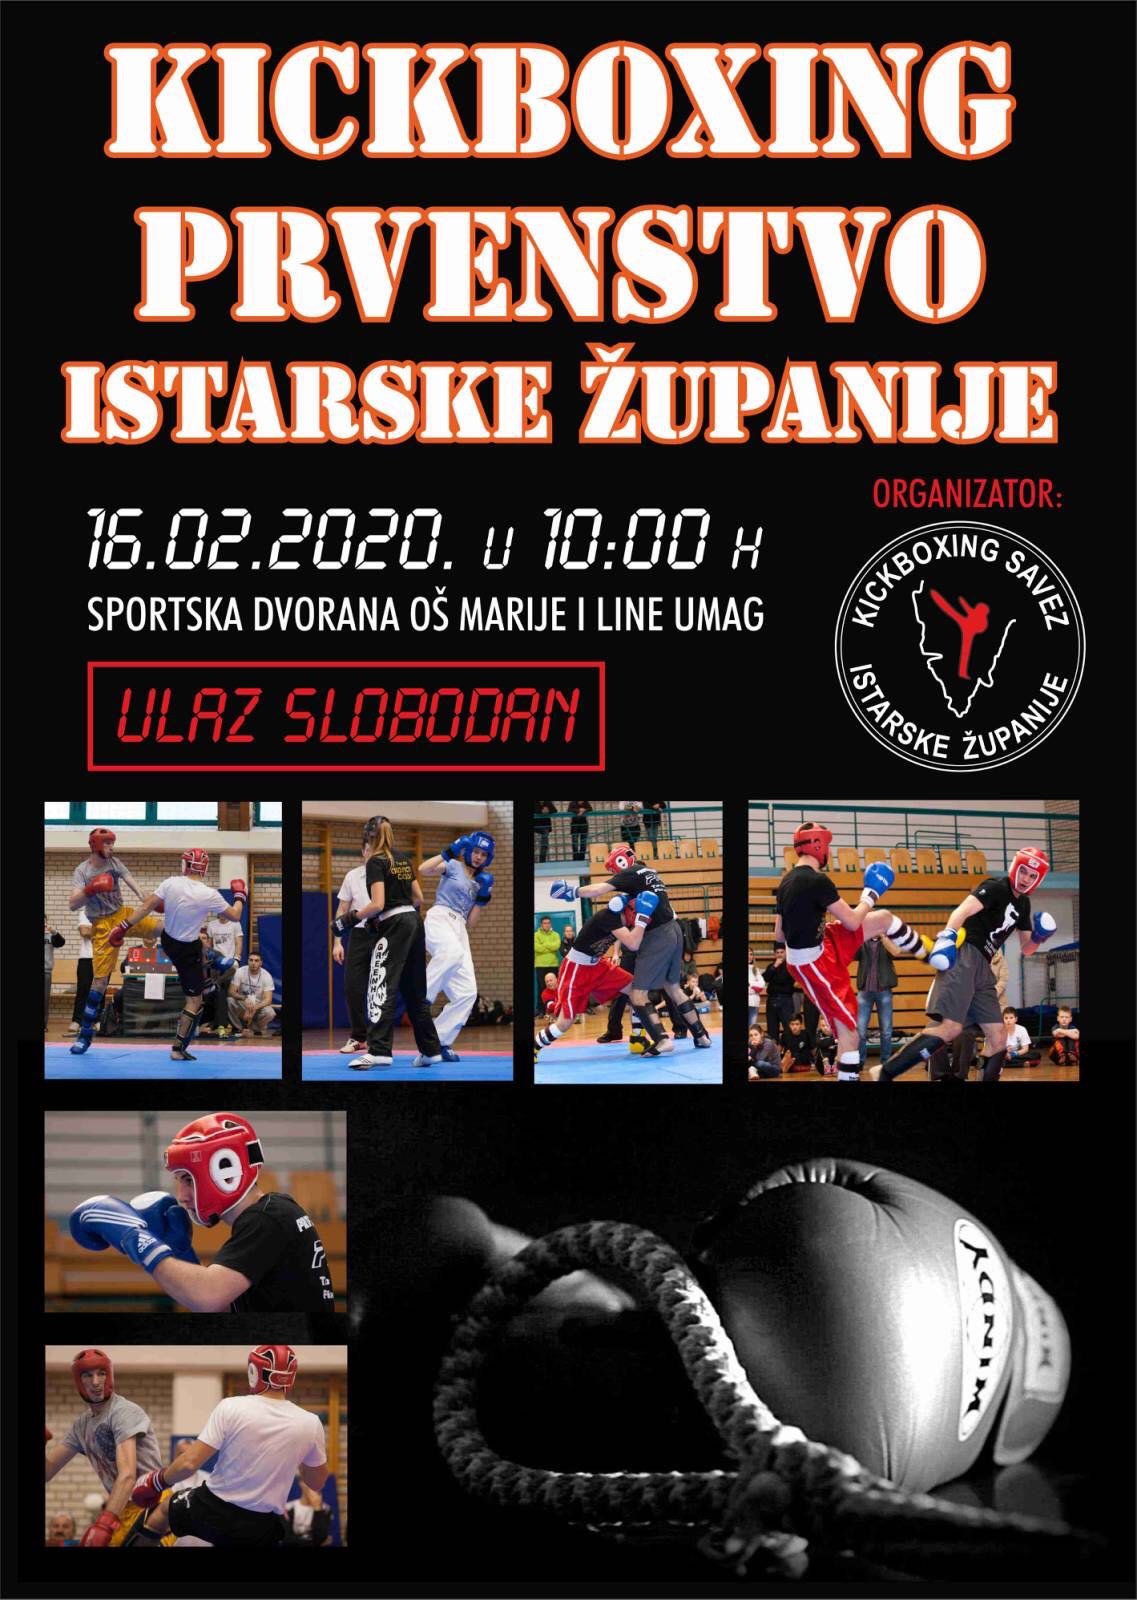 Kickboxing prvenstvo Istarske Županije u Umagu